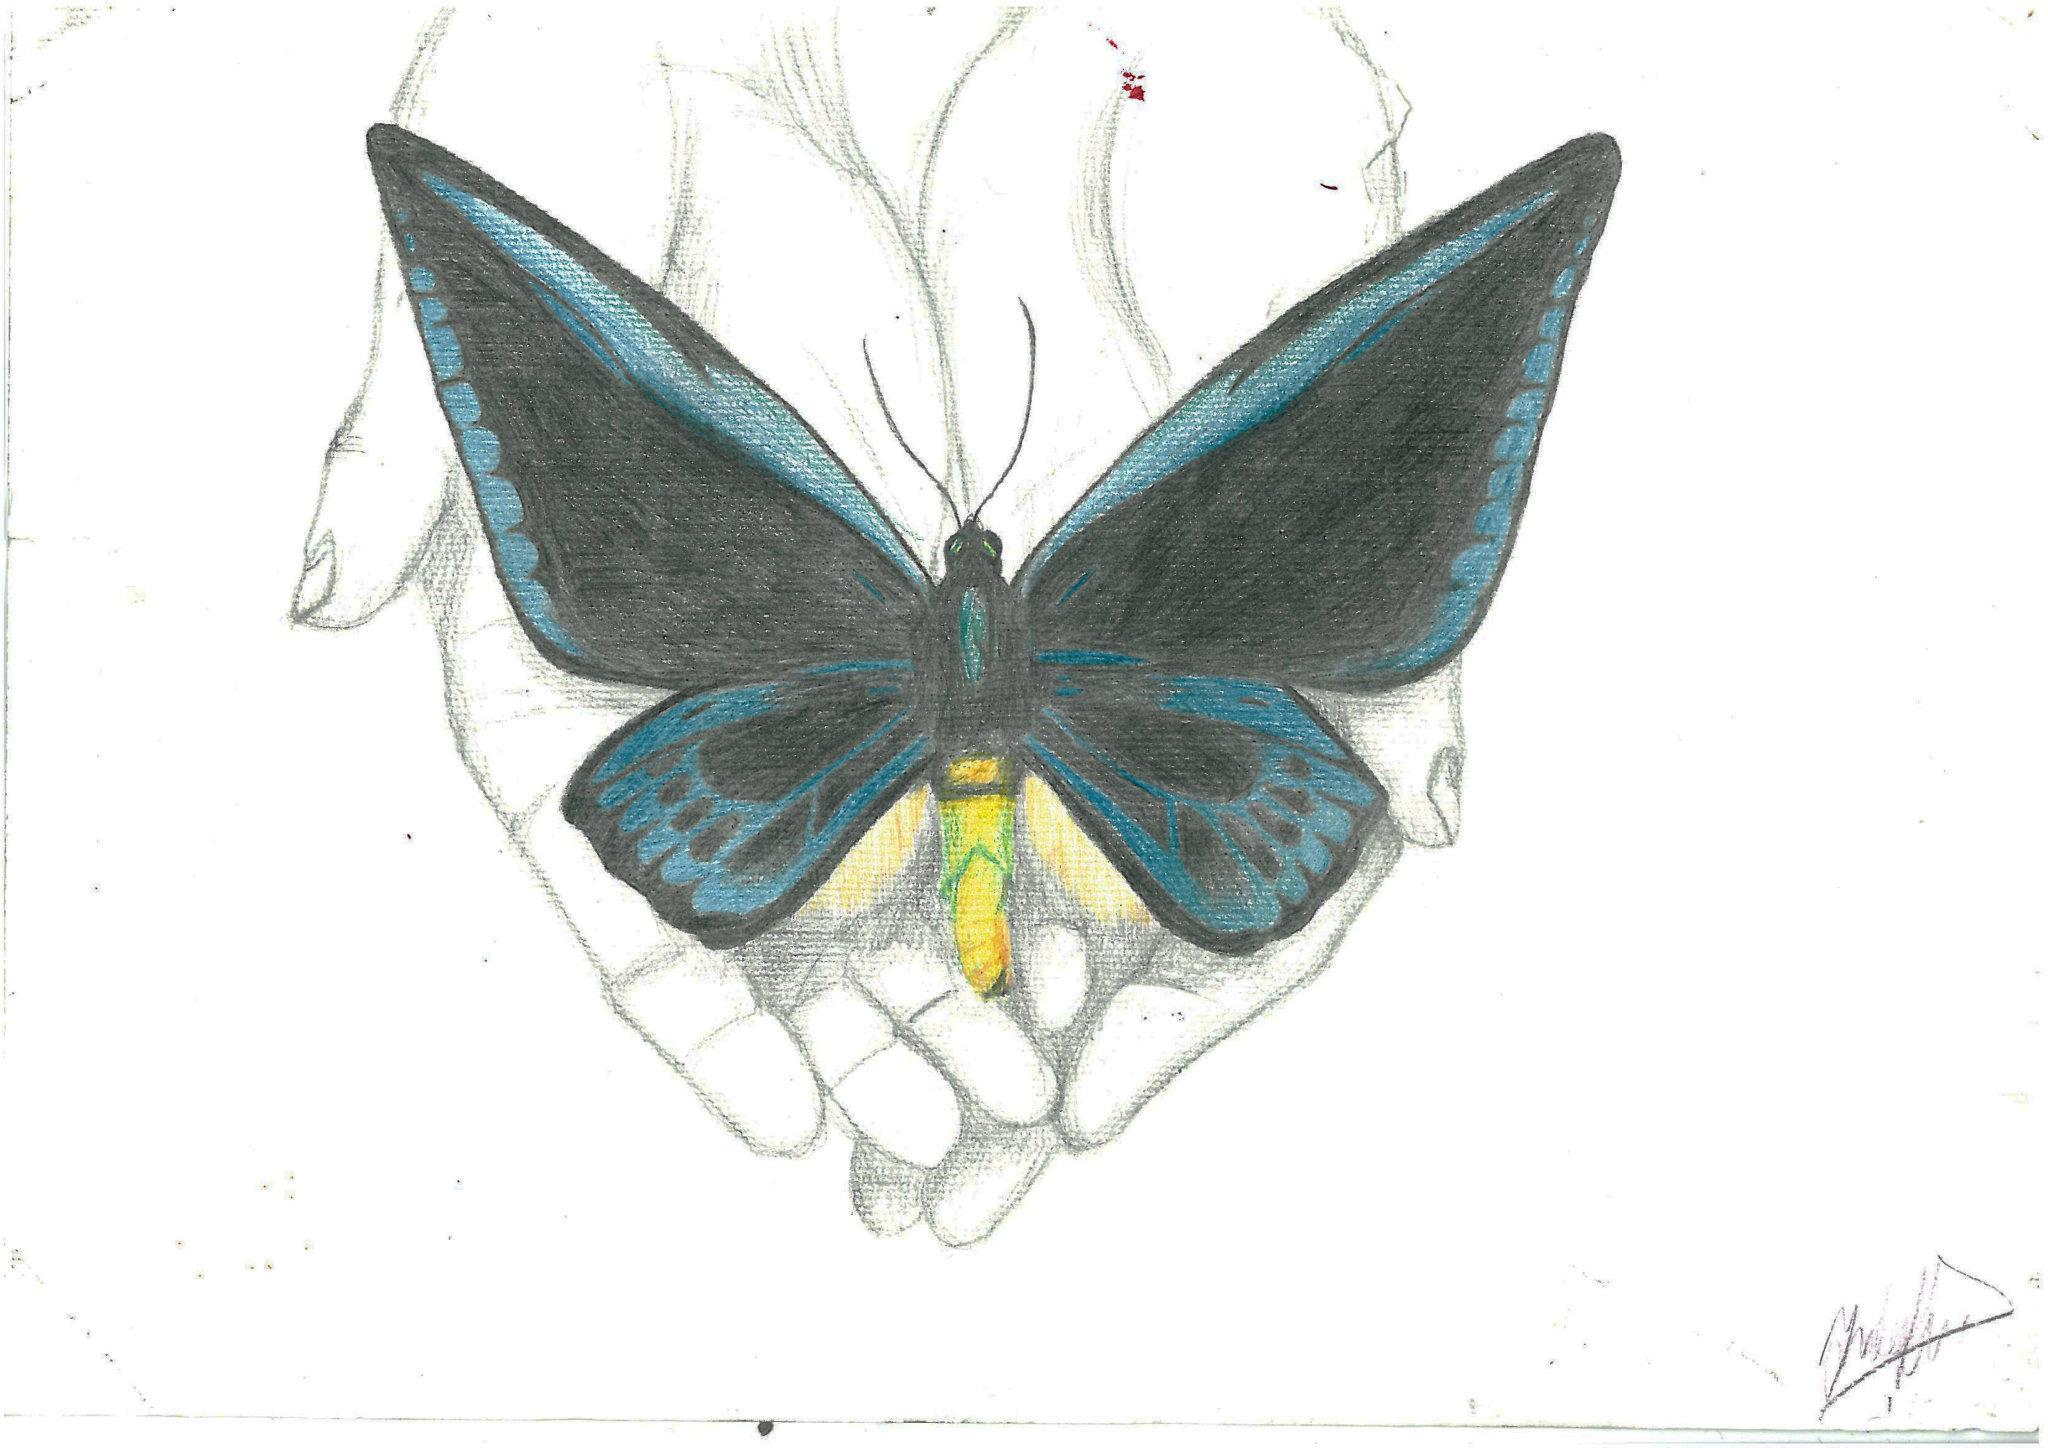 Kunstwerk gemaakt door Jeej getiteld Vlinders in handen